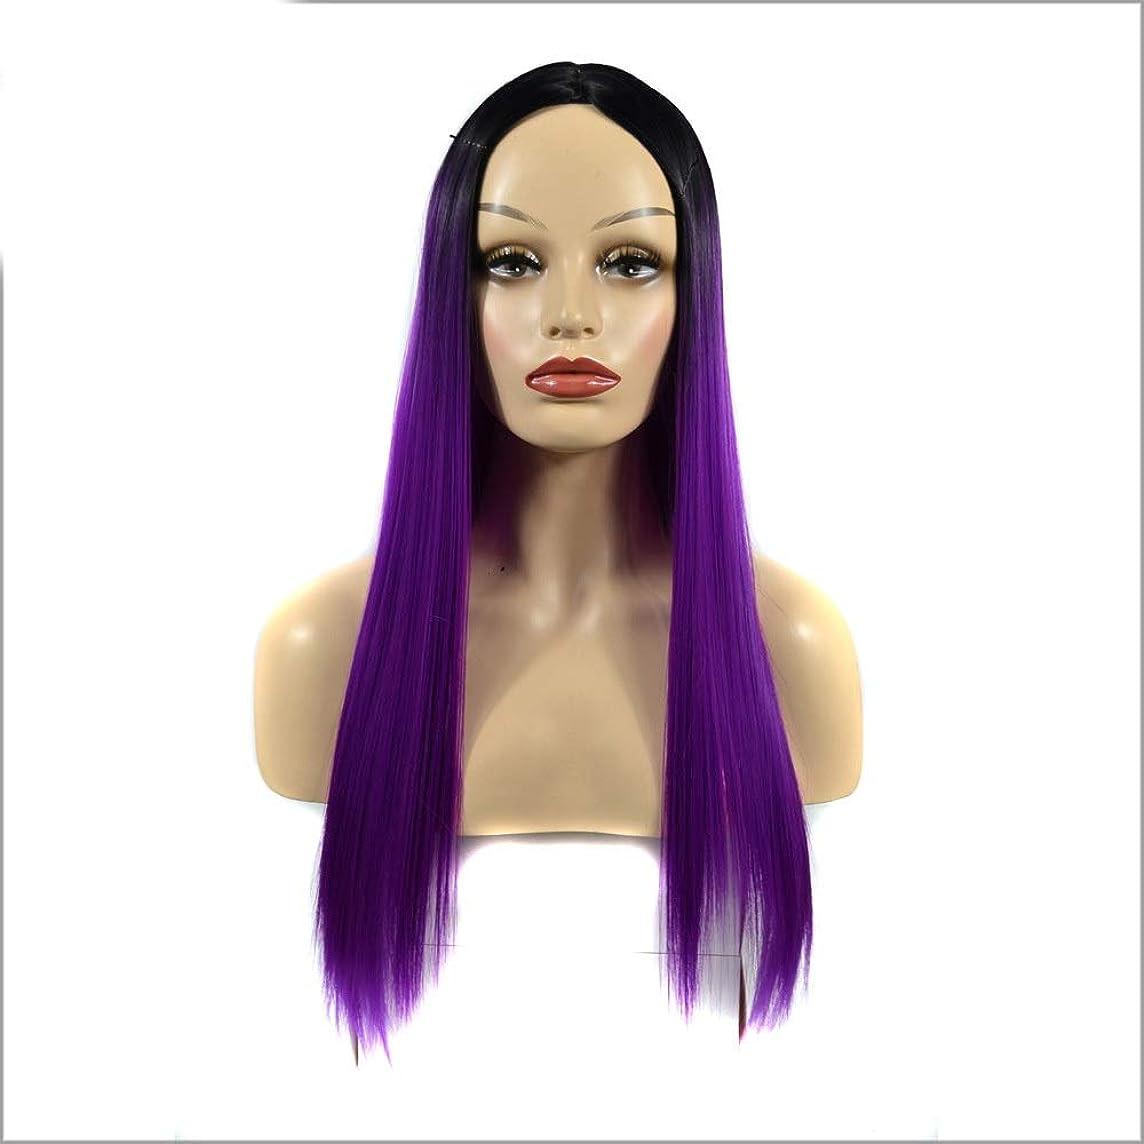 裏切るアリーナブレーキかつら 女性のシルキーロングストレートパープル耐熱合成かつら前髪付きパーティードレスウィッグパーティーかつら (色 : 紫の, サイズ : 60cm)